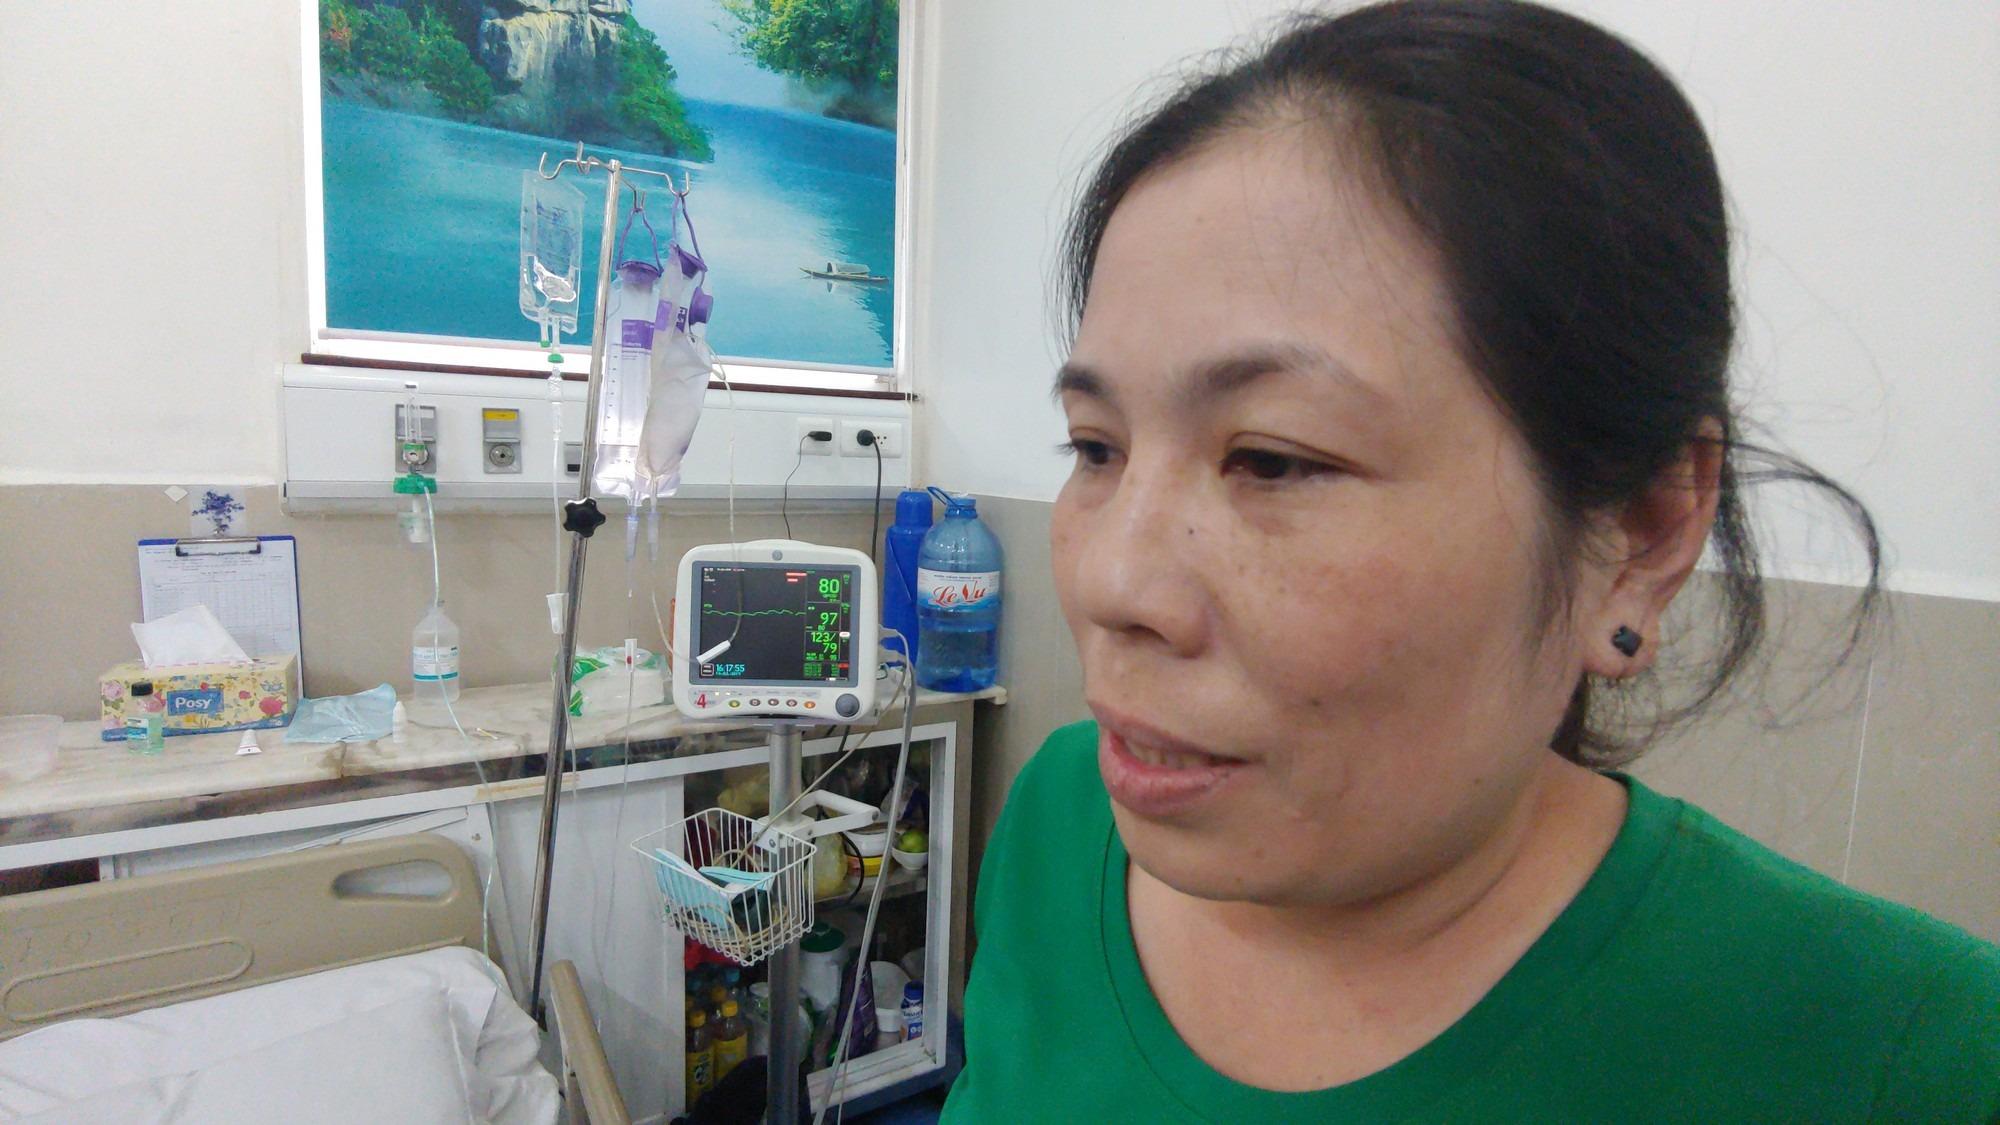 Con trai bị tai nạn dập não, bố chỉ nói câu đang bận rồi cúp máy, người mẹ nghèo bật khóc giữa bệnh viện-12